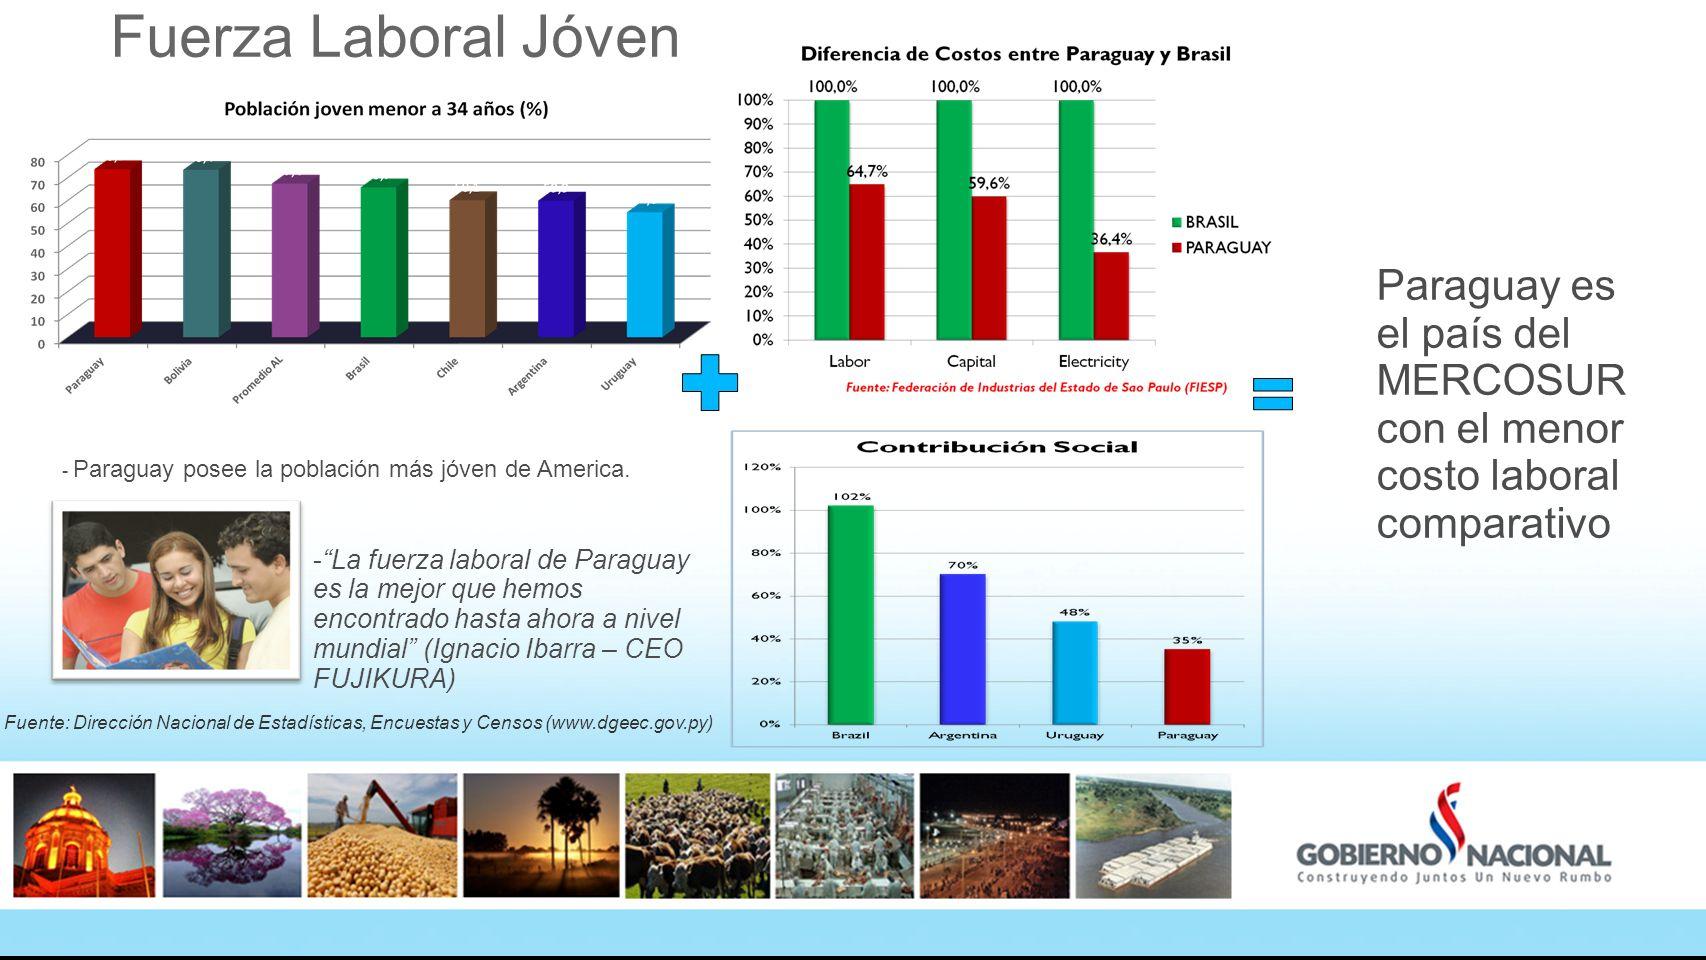 Fuerza Laboral Jóven - Paraguay posee la población más jóven de America. Fuente: Dirección Nacional de Estadísticas, Encuestas y Censos (www.dgeec.gov